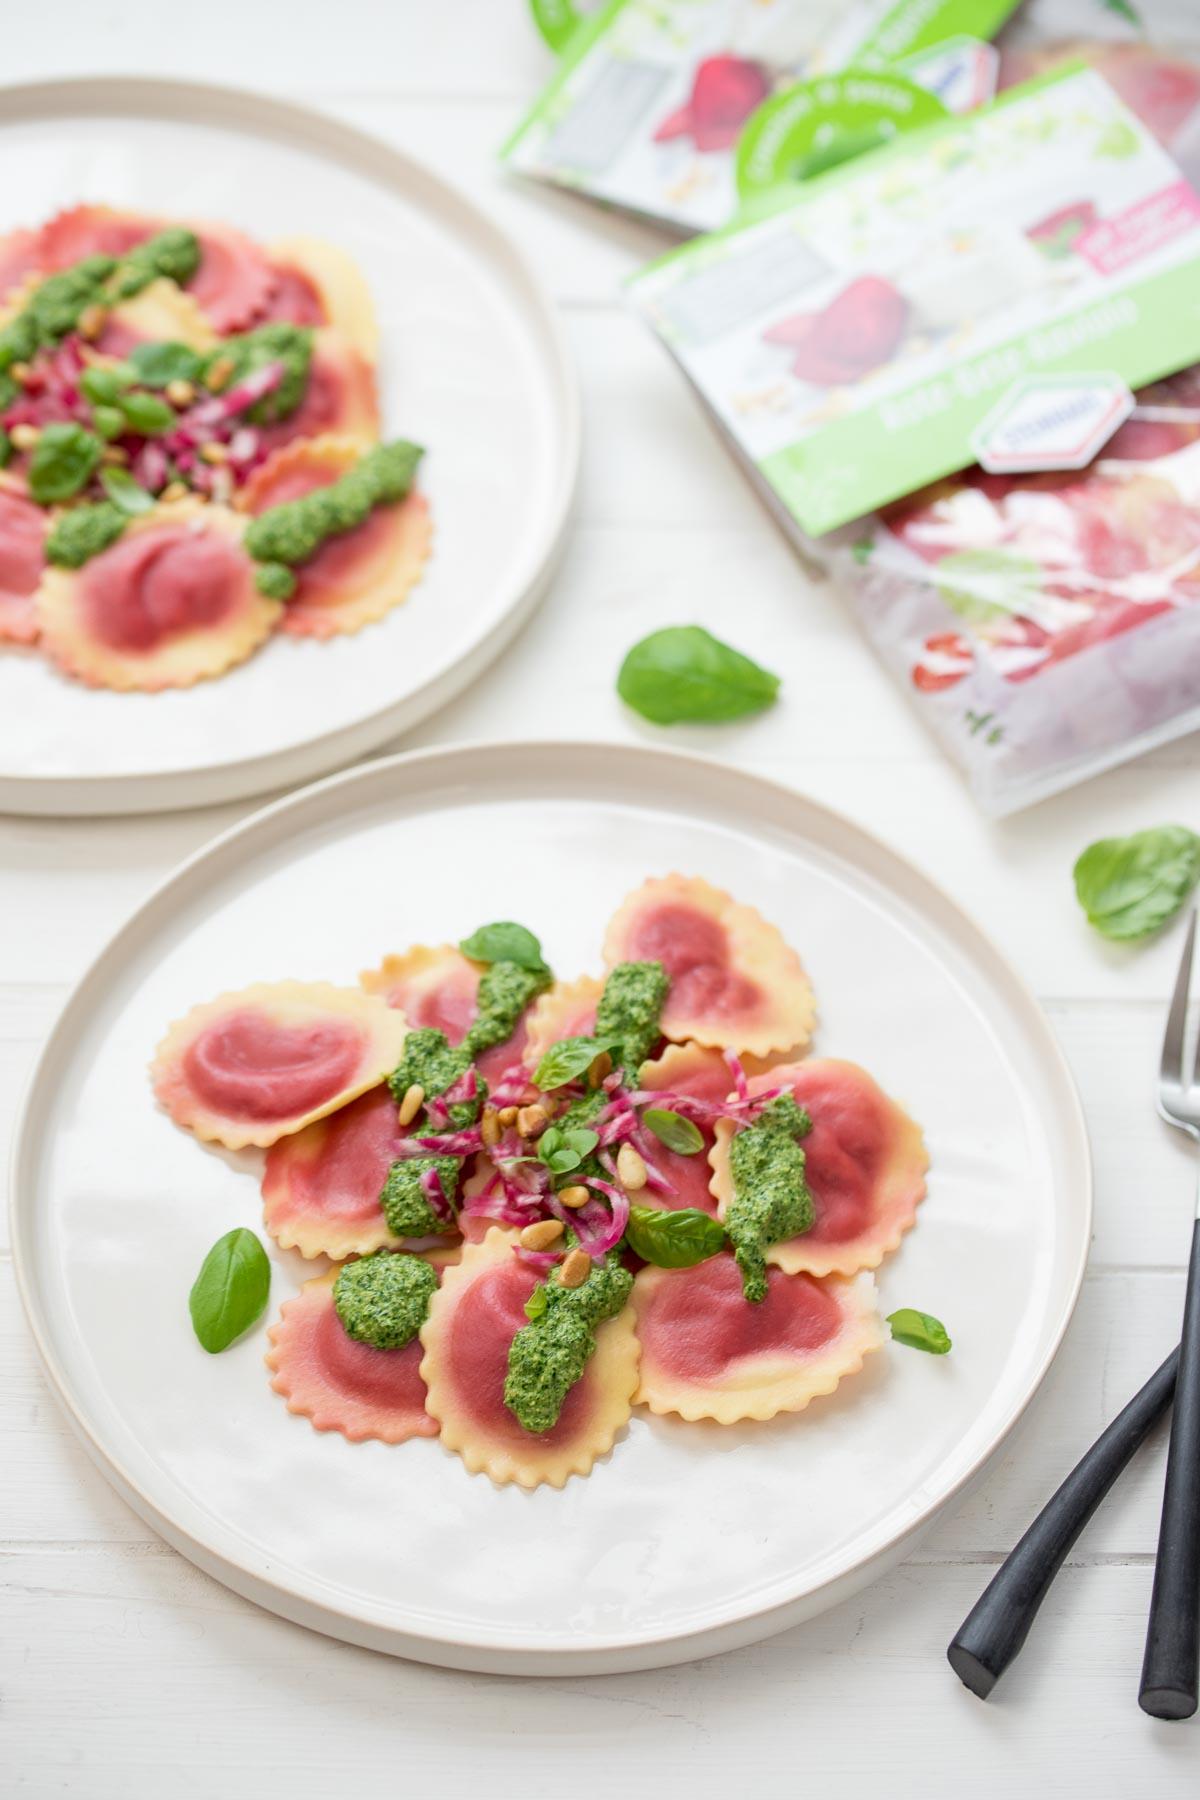 Rote‐Bete‐Raviolo mit Spinat-Pesto, Ravioli Pasta von Steinhaus Werbung